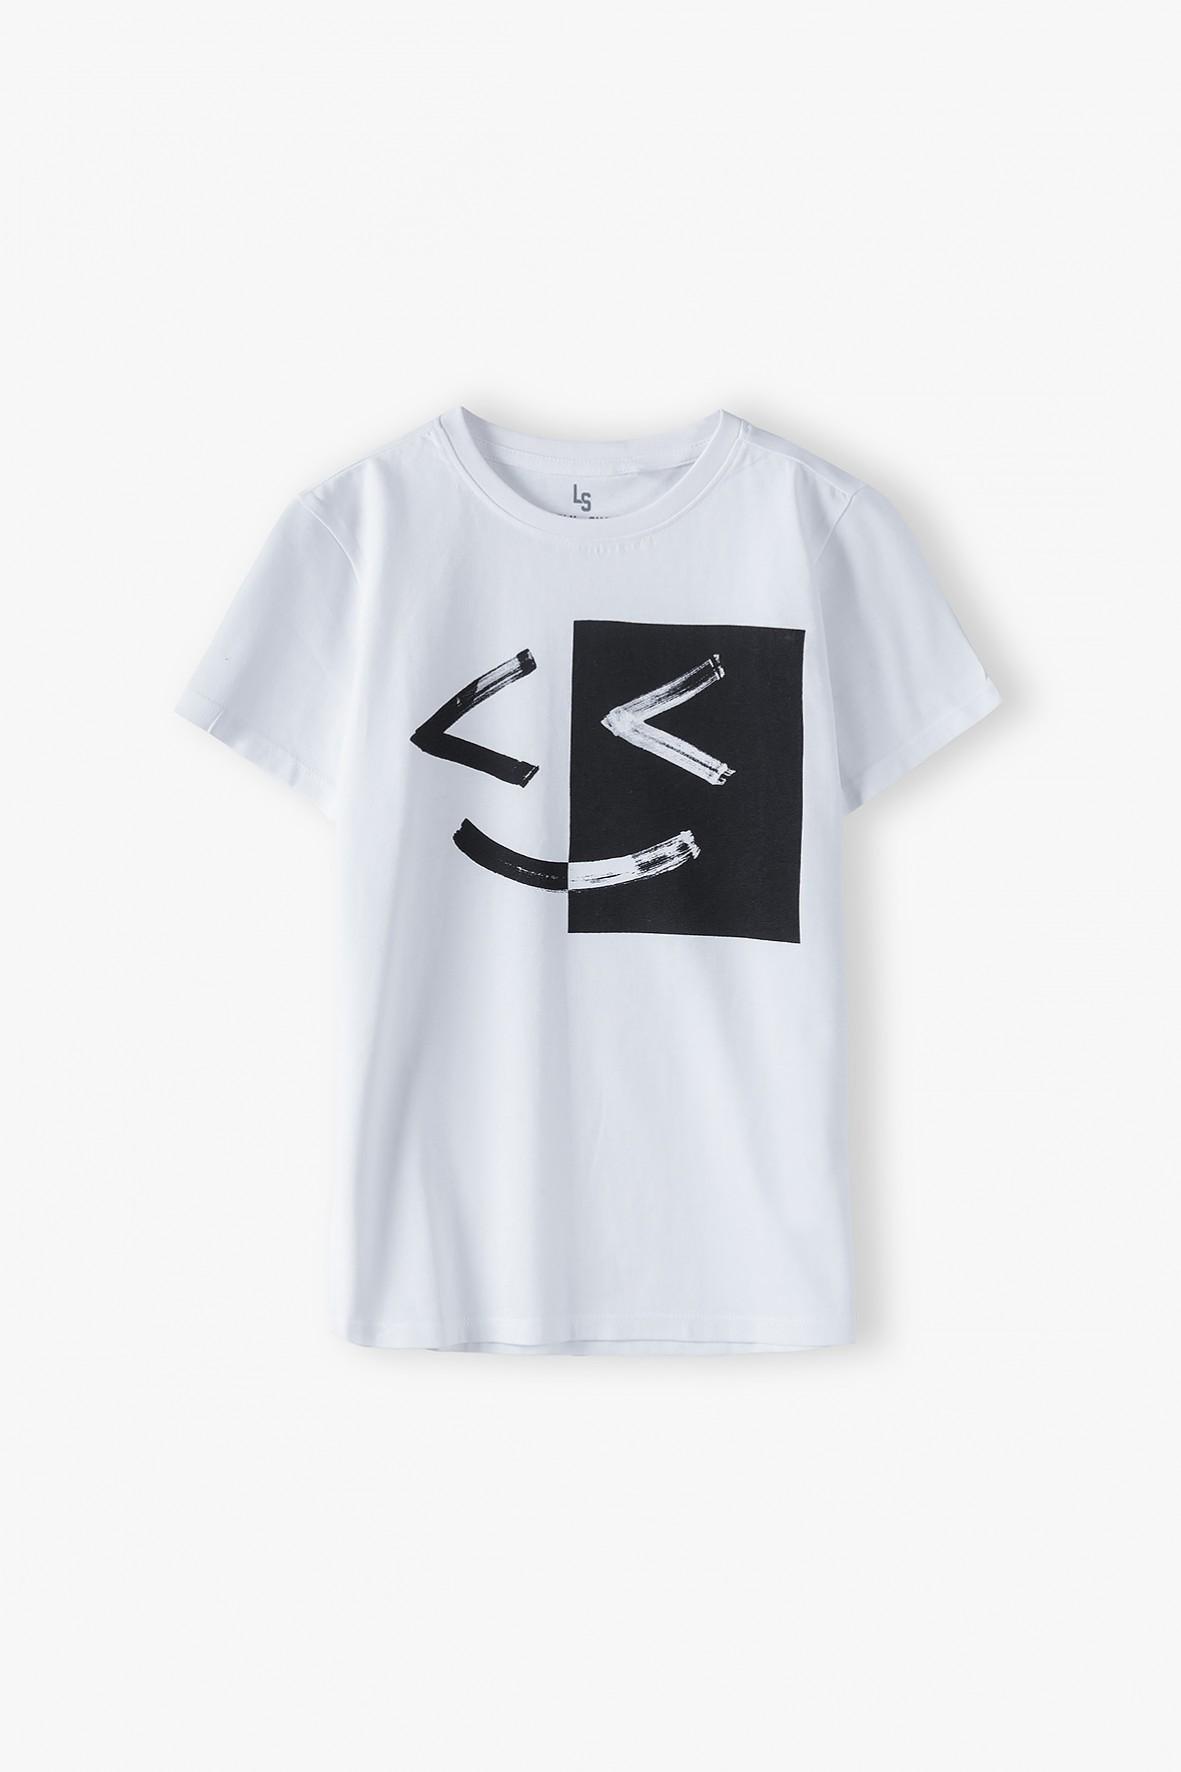 Bawełniany t-shirt chłopięcy w kolorze białym z nadrukiem